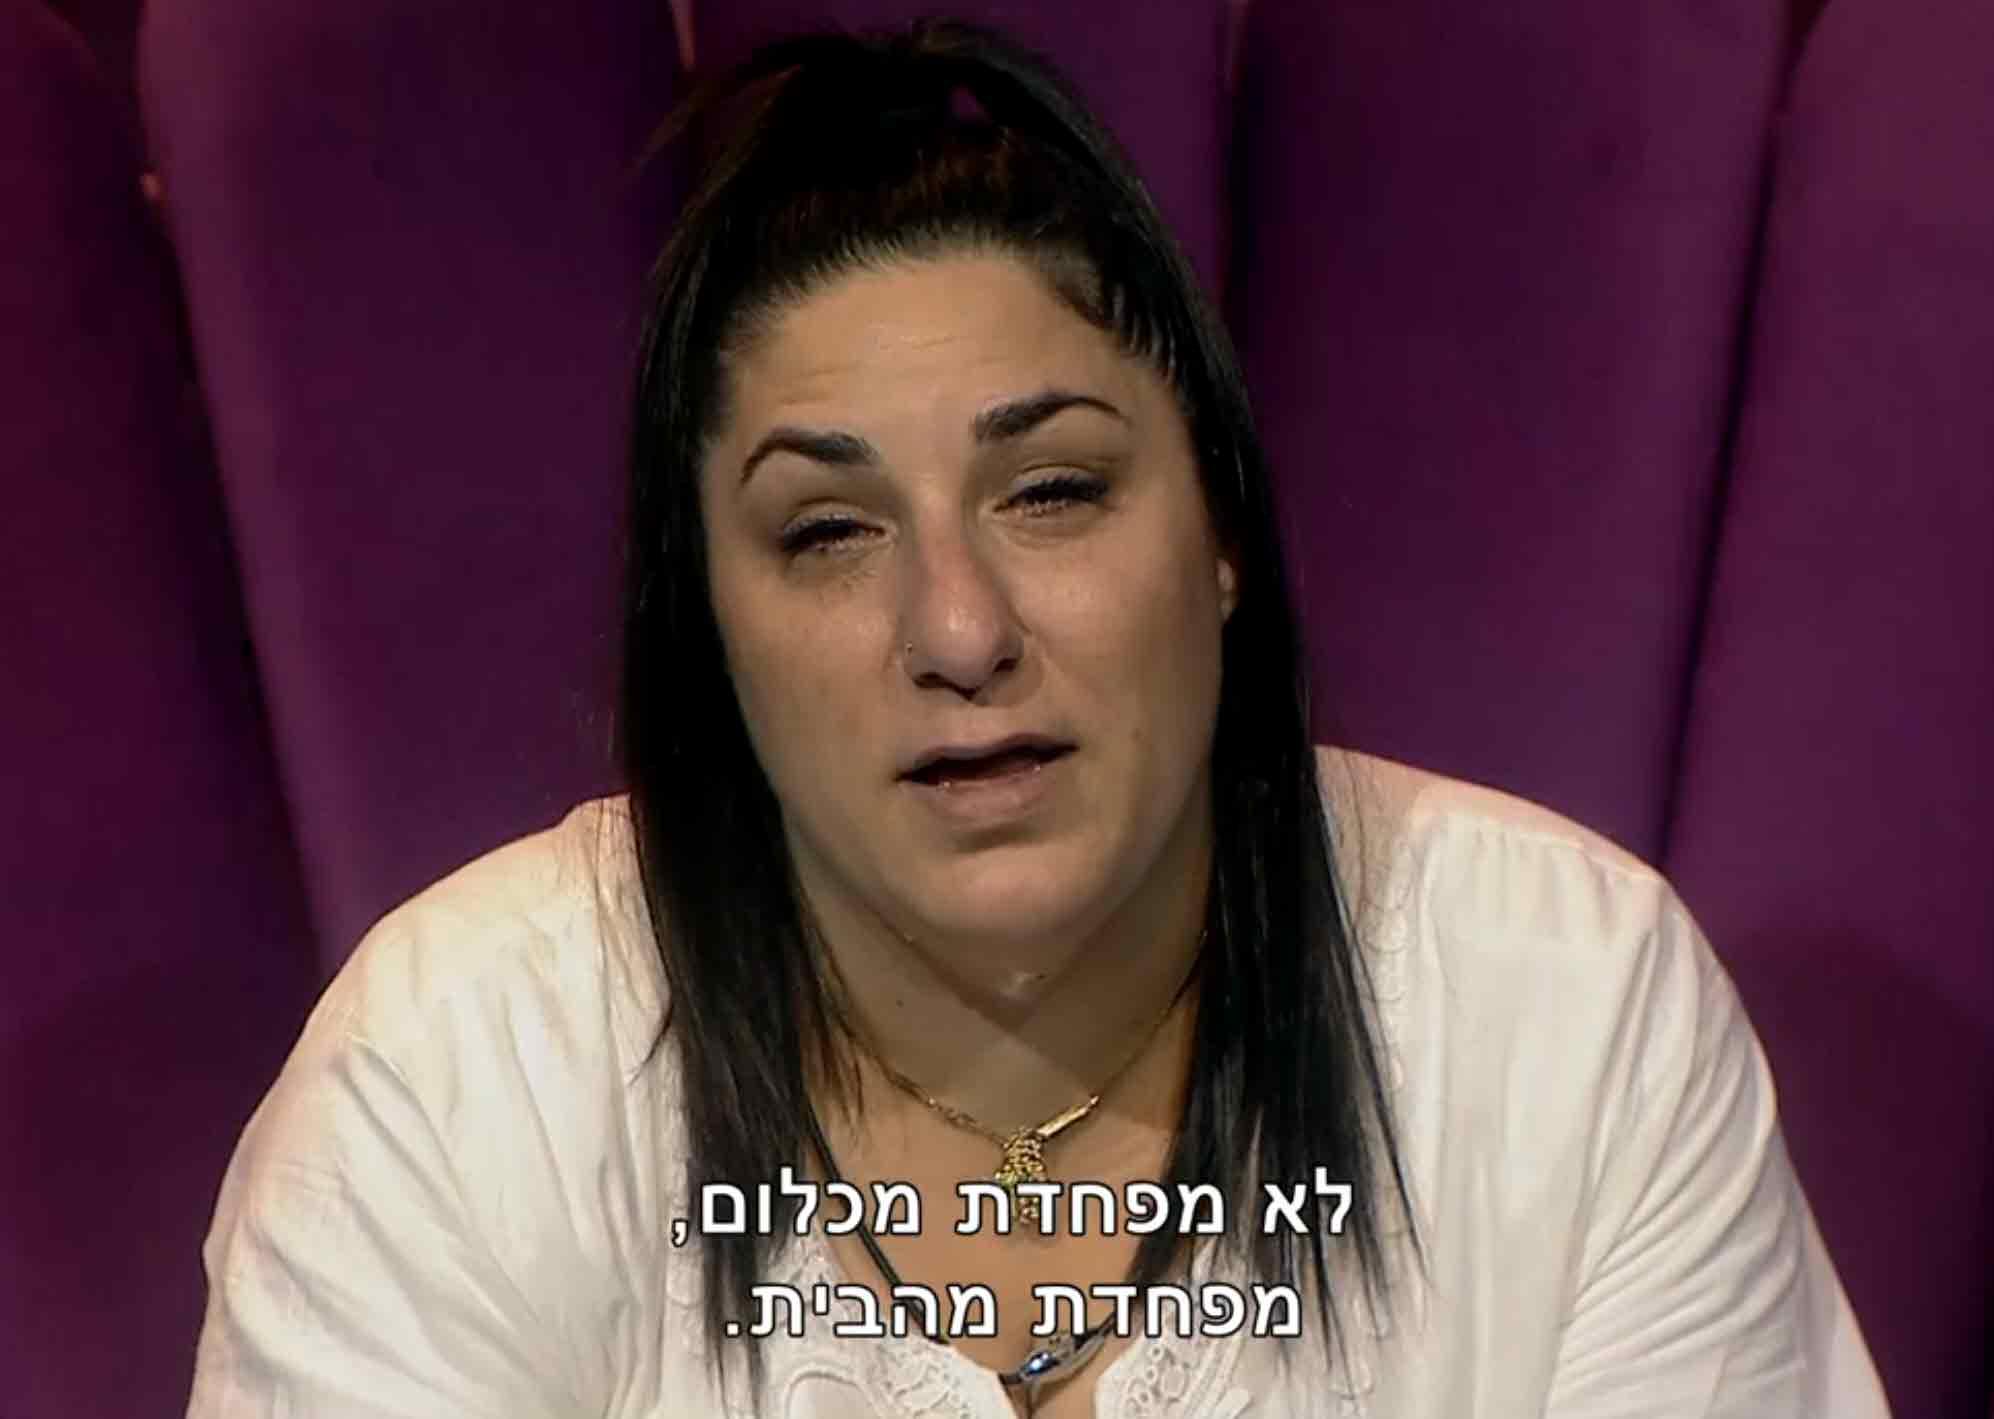 """אחותה של ימית מגיבה בכעס:""""ימית יורקת לבאר שממנה היא שותה"""""""